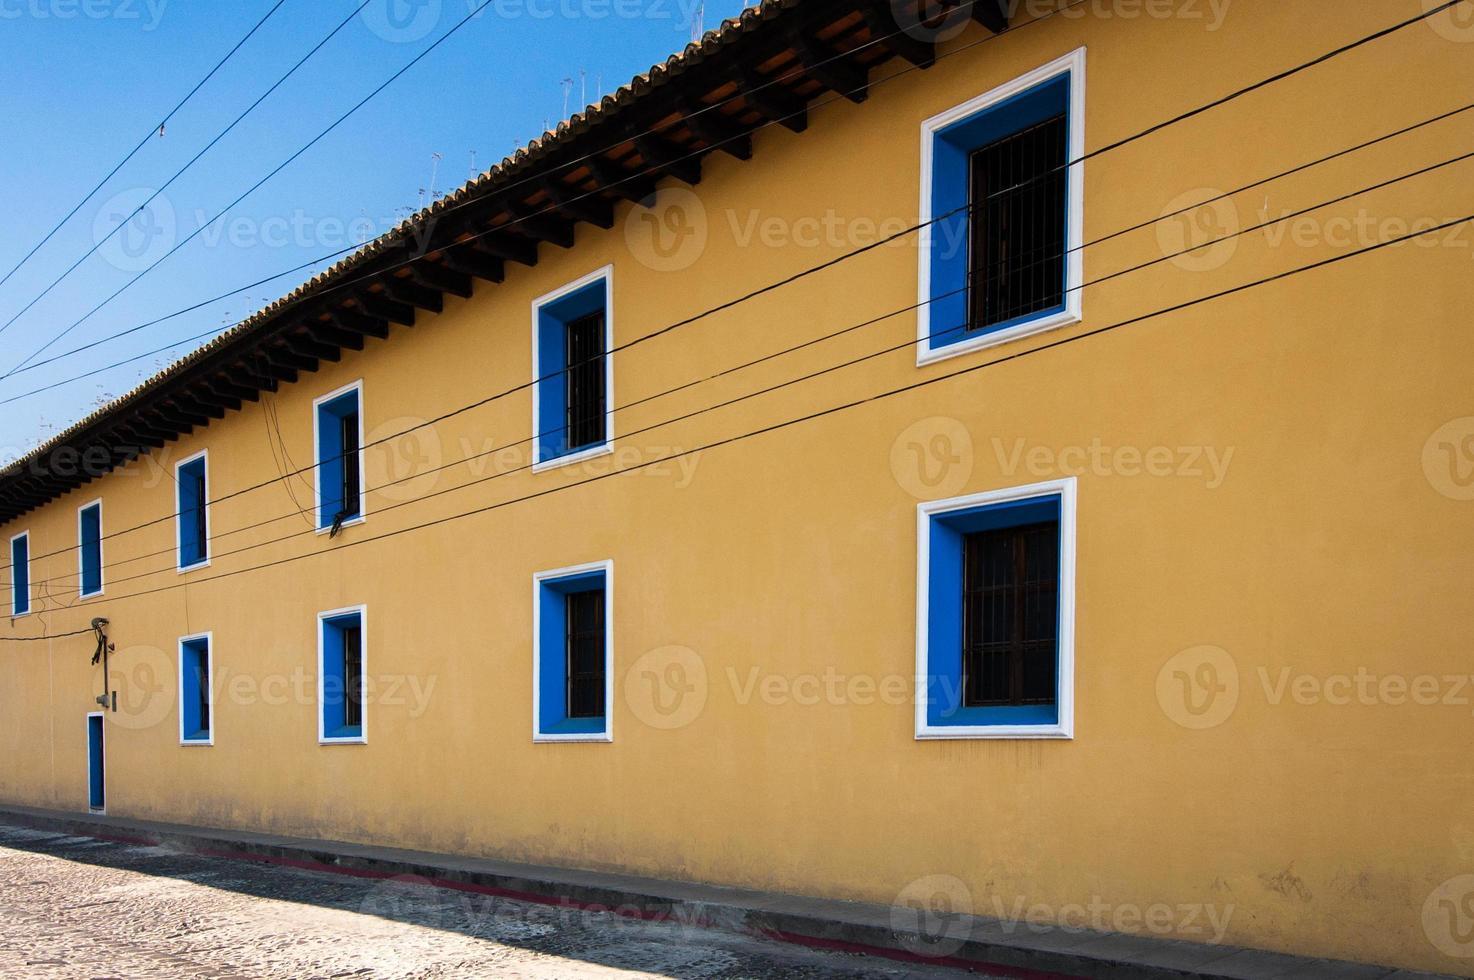 moradia pintada de amarelo com janelas azuis foto